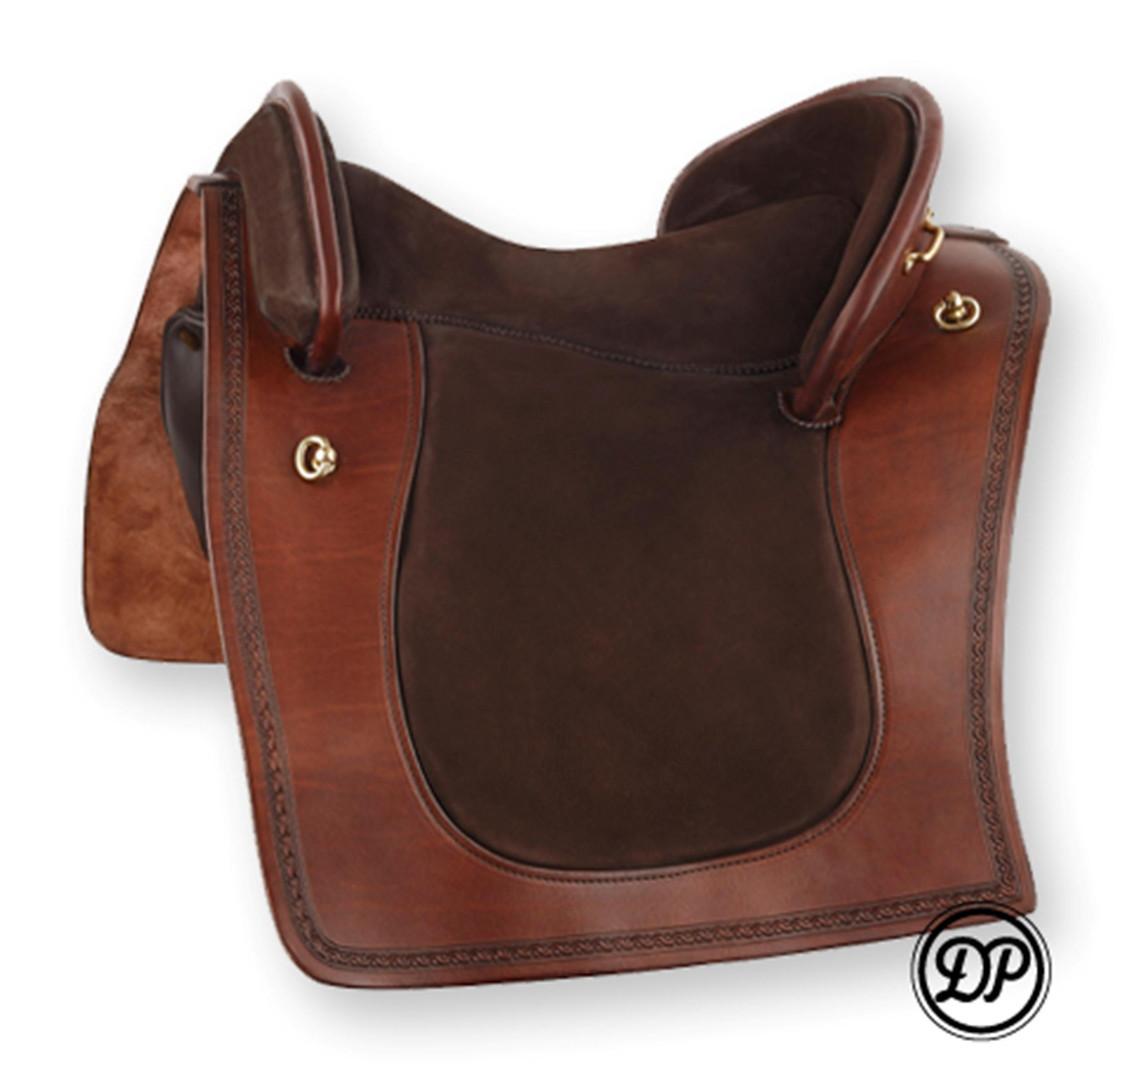 DP Baroque SKL Saddle